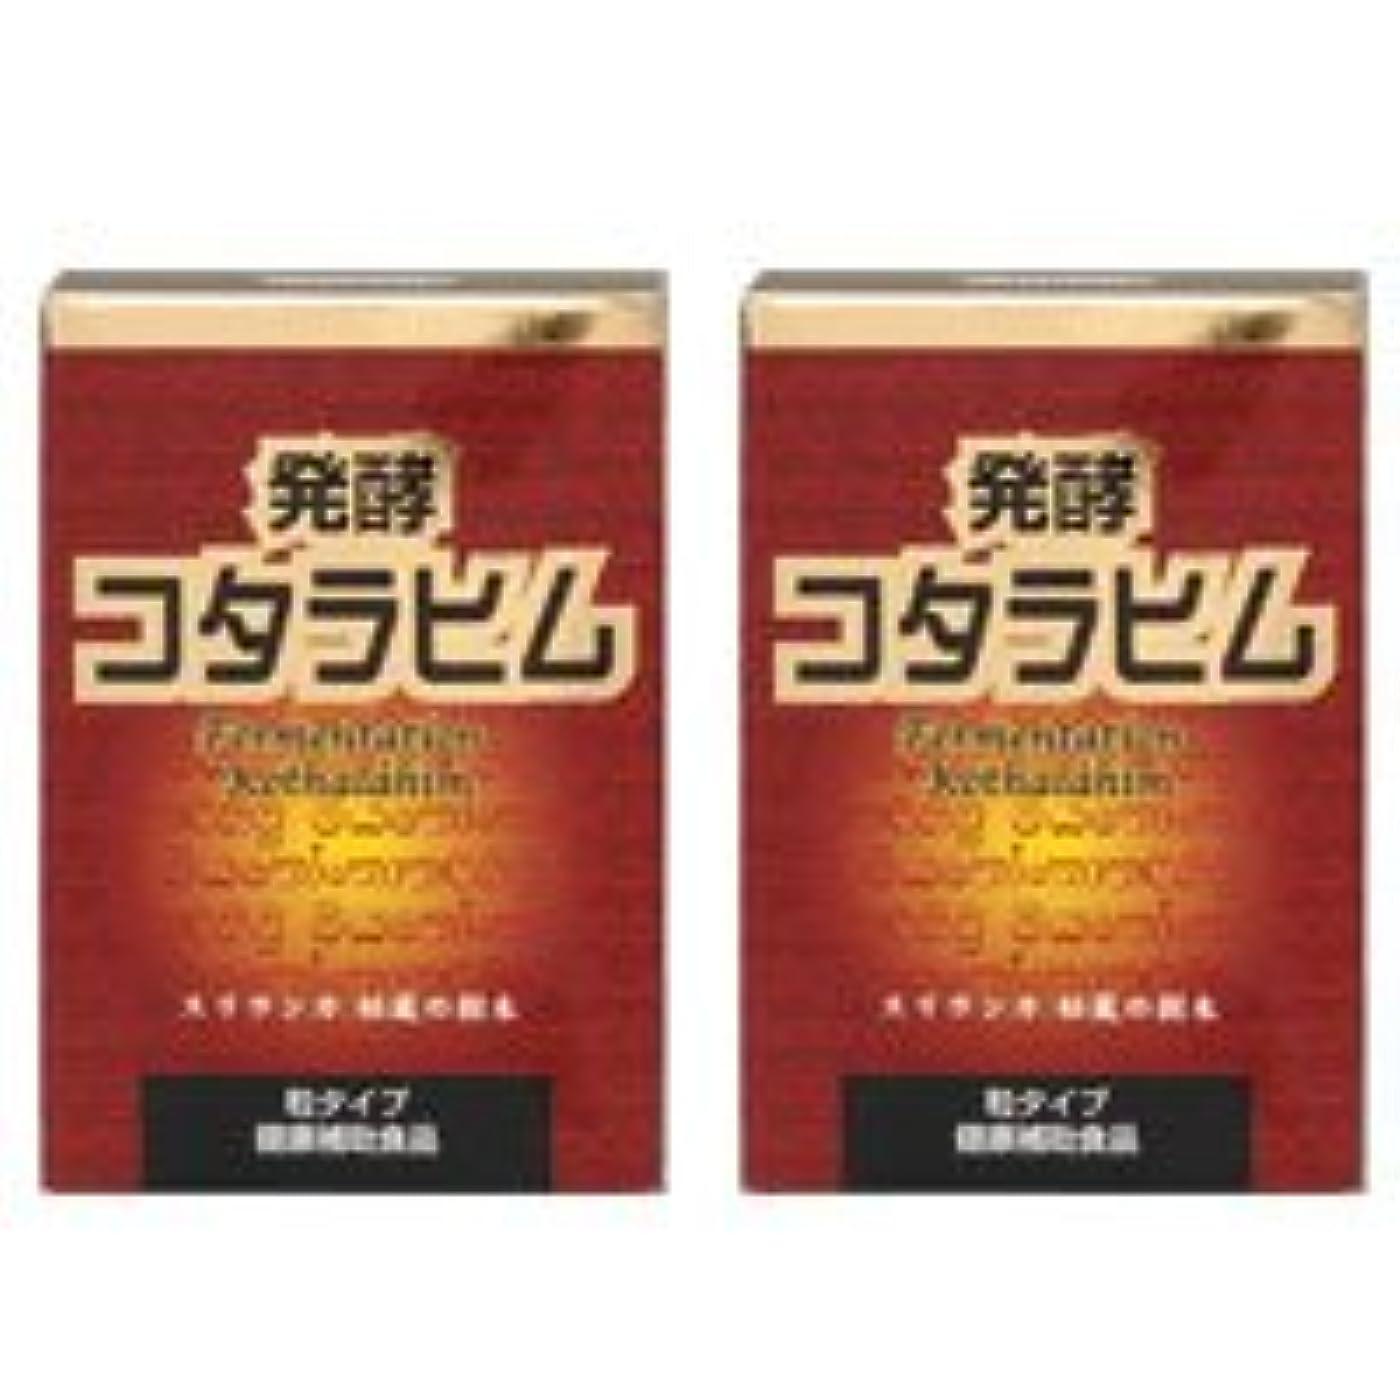 目指す派手研究所発酵コタラヒム2個セット【糖を変化させるコタラヒム】